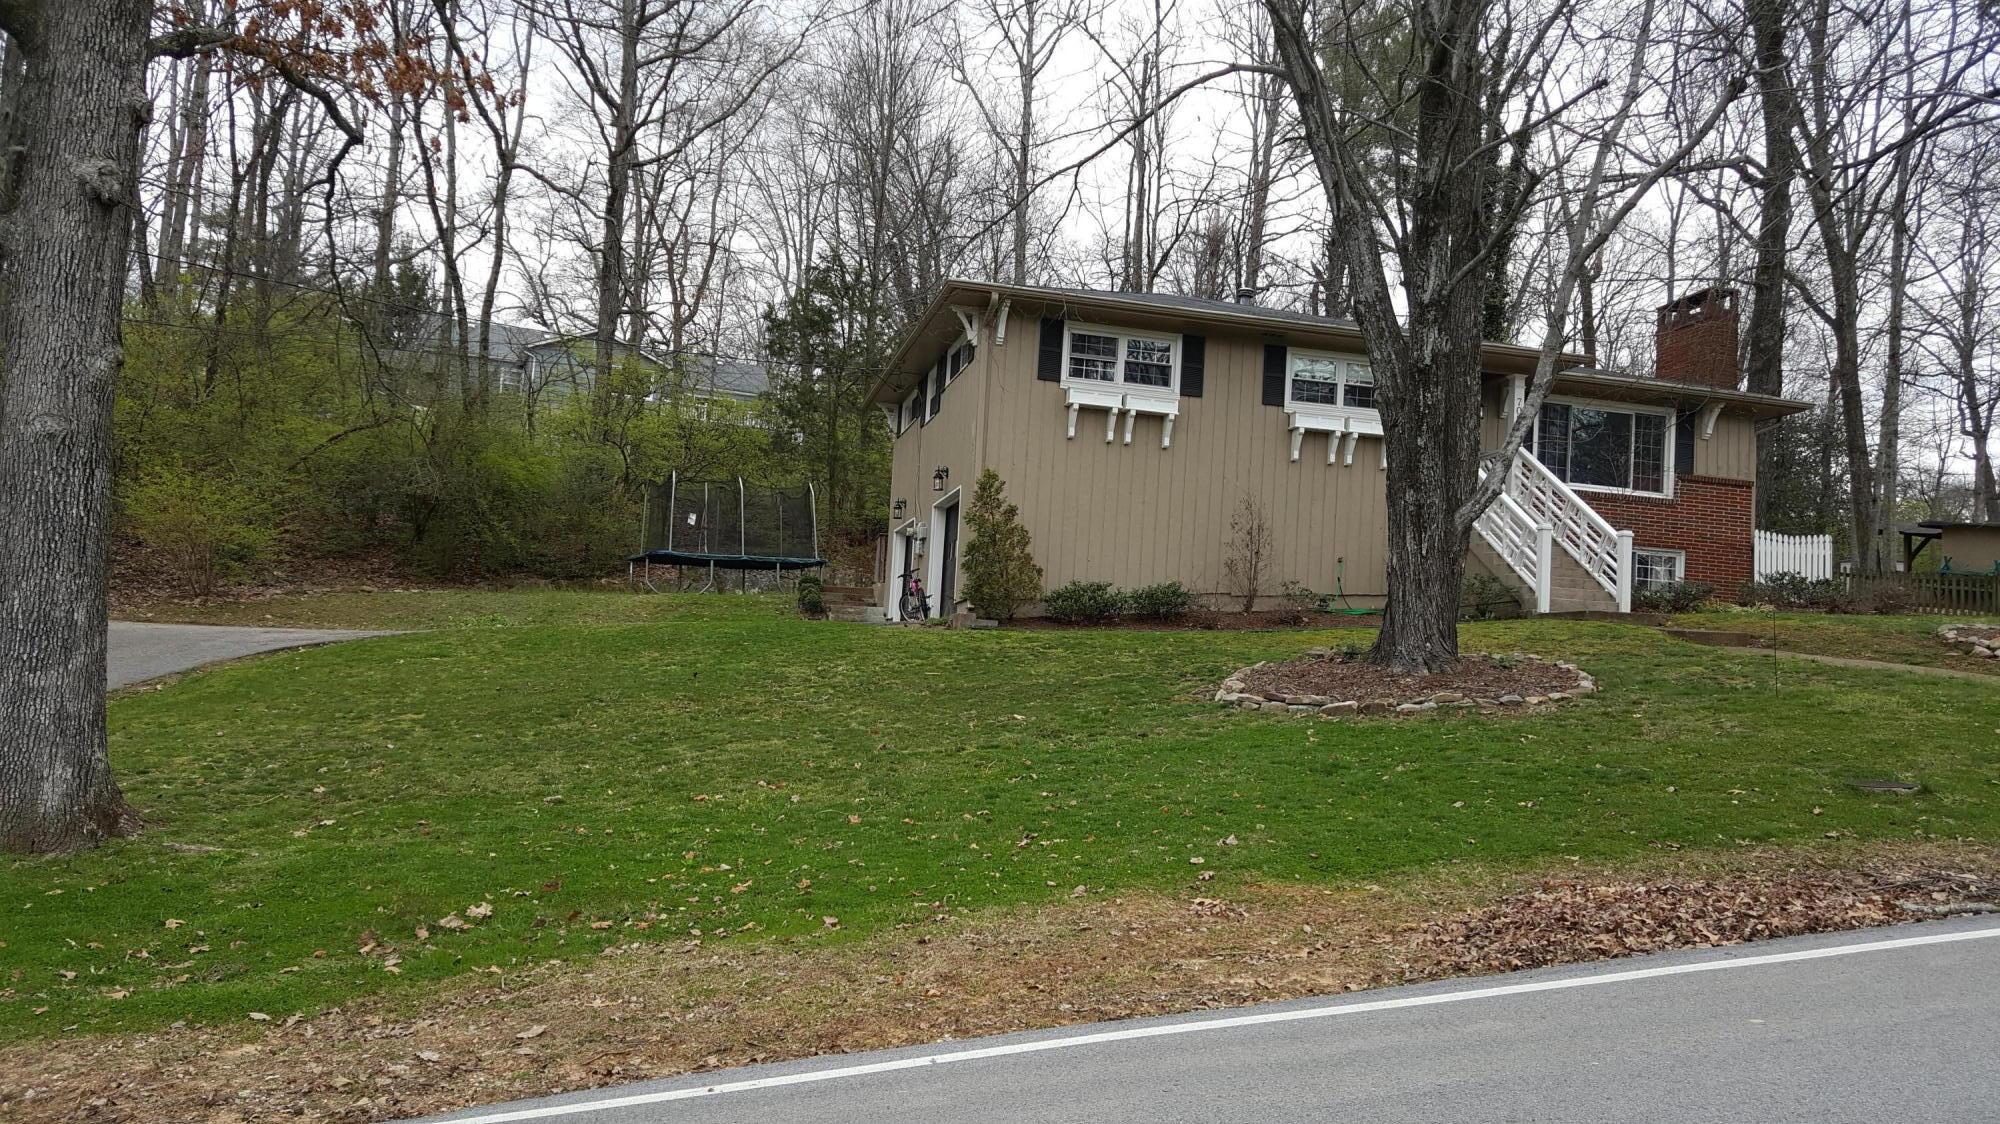 705 Kentucky Ave, Signal Mountain, TN 37377